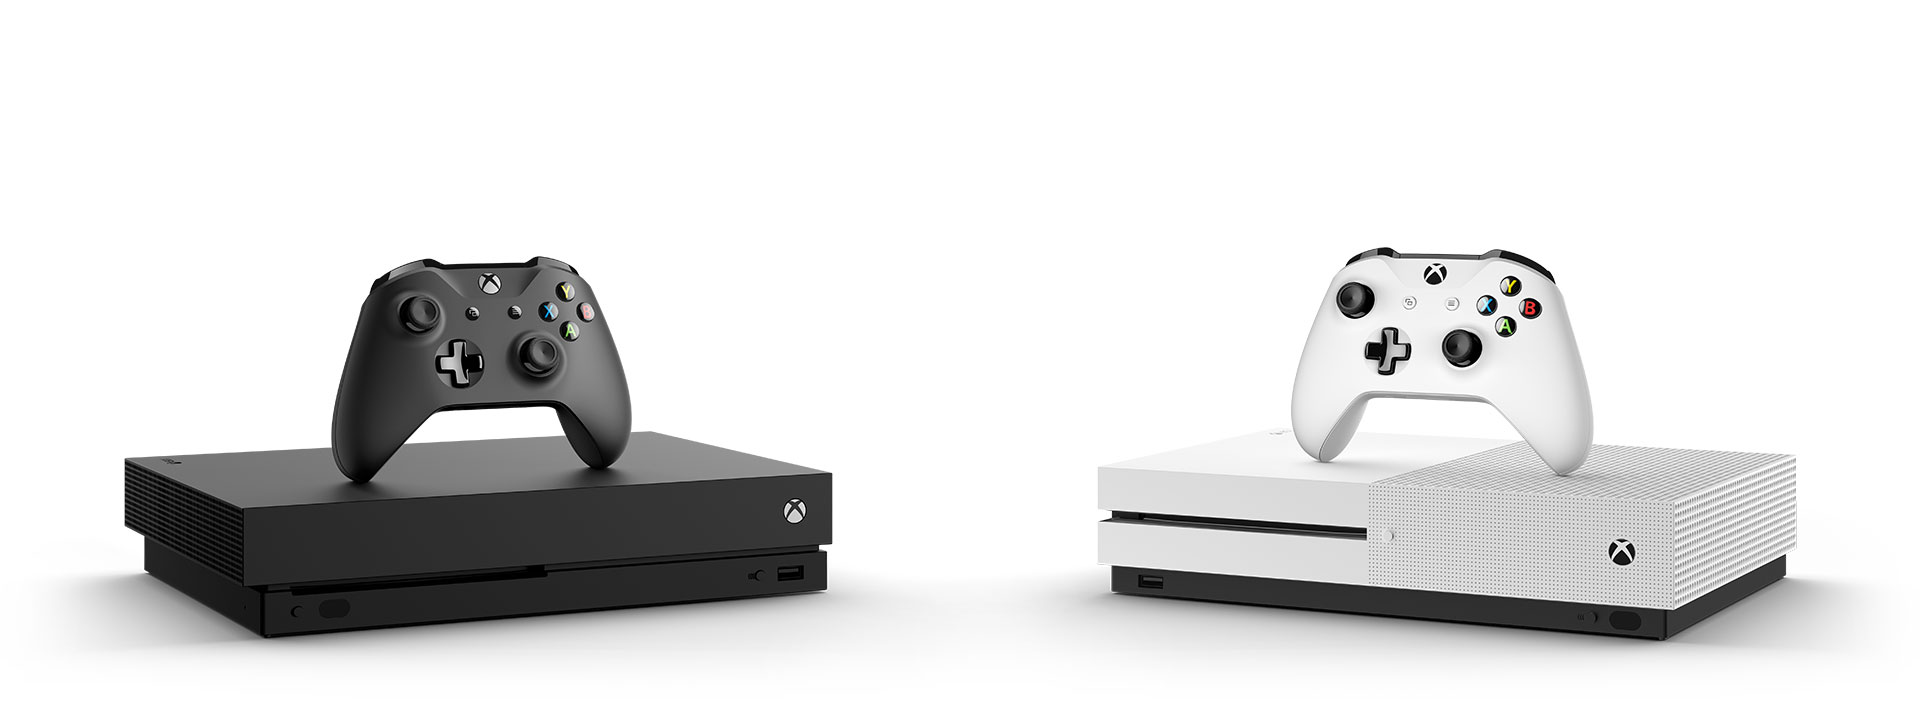 Černobílá konzole Xbox One s černým a bílým ovladačem navrchu